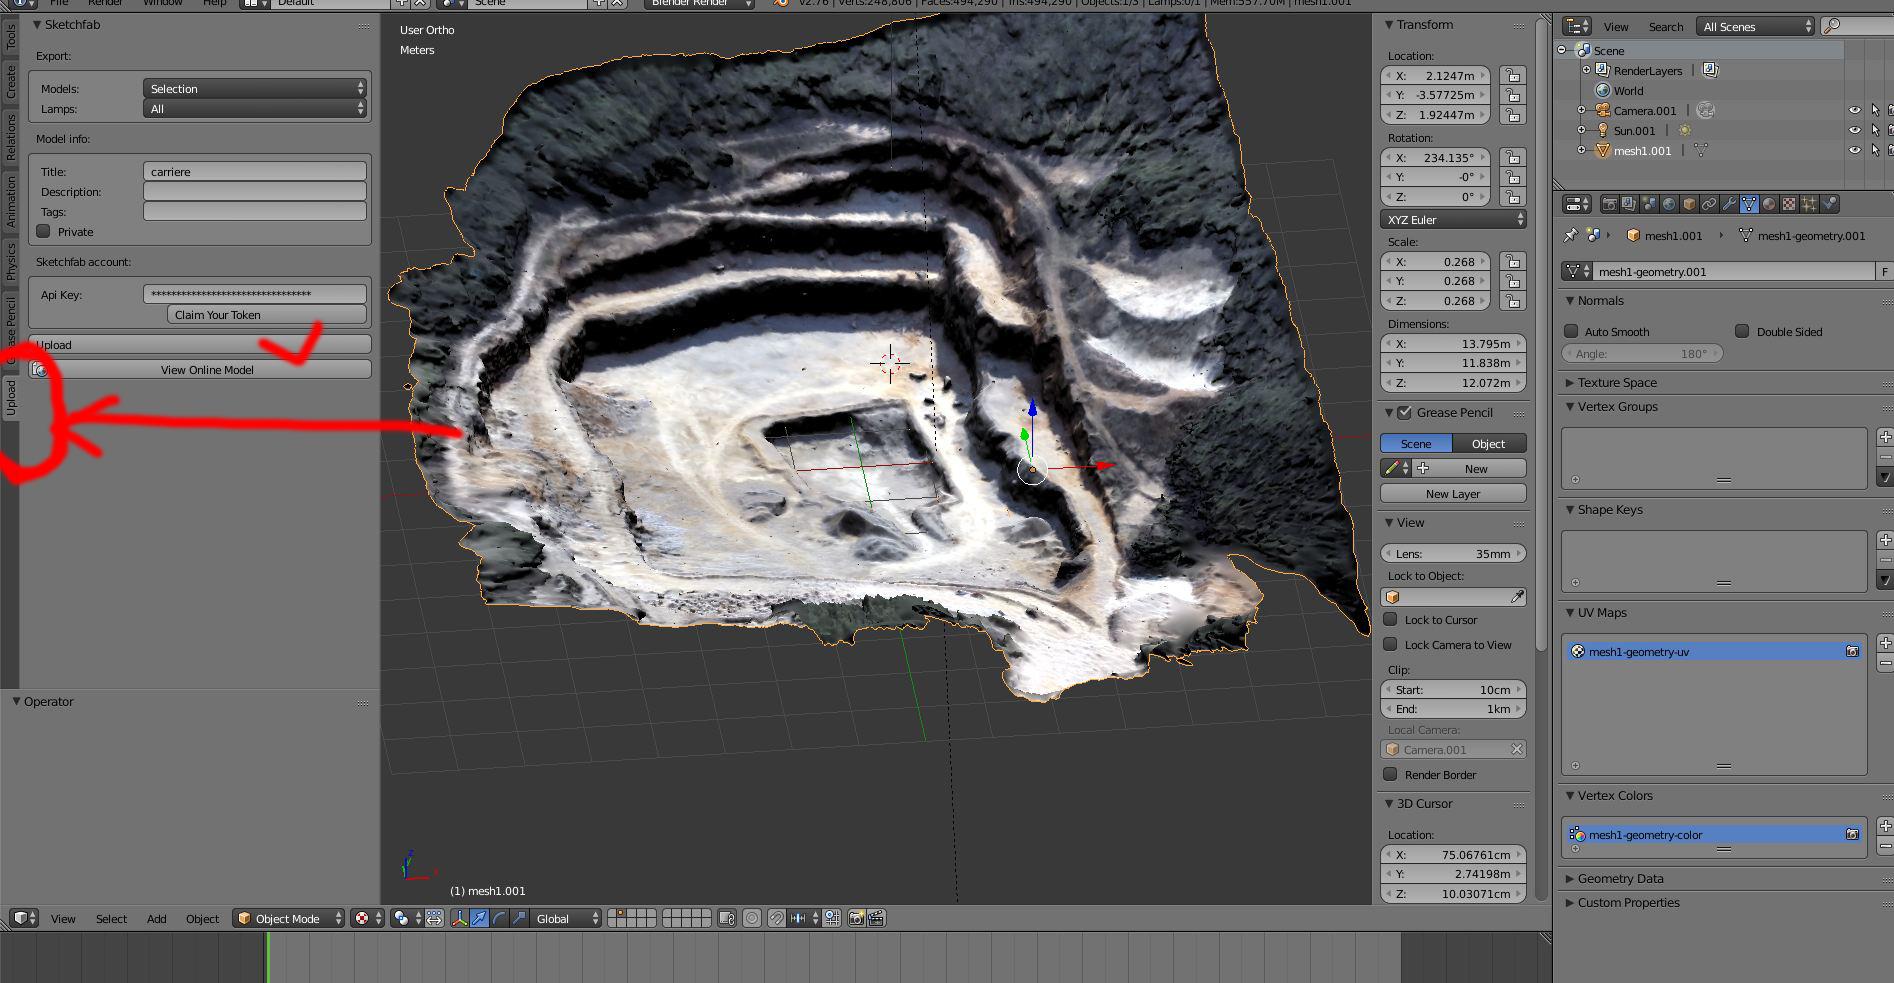 2016-02-15 19_00_31-Blender [Z__vue d'ici_Photogra_test samin_samin avec texture ok .blend]